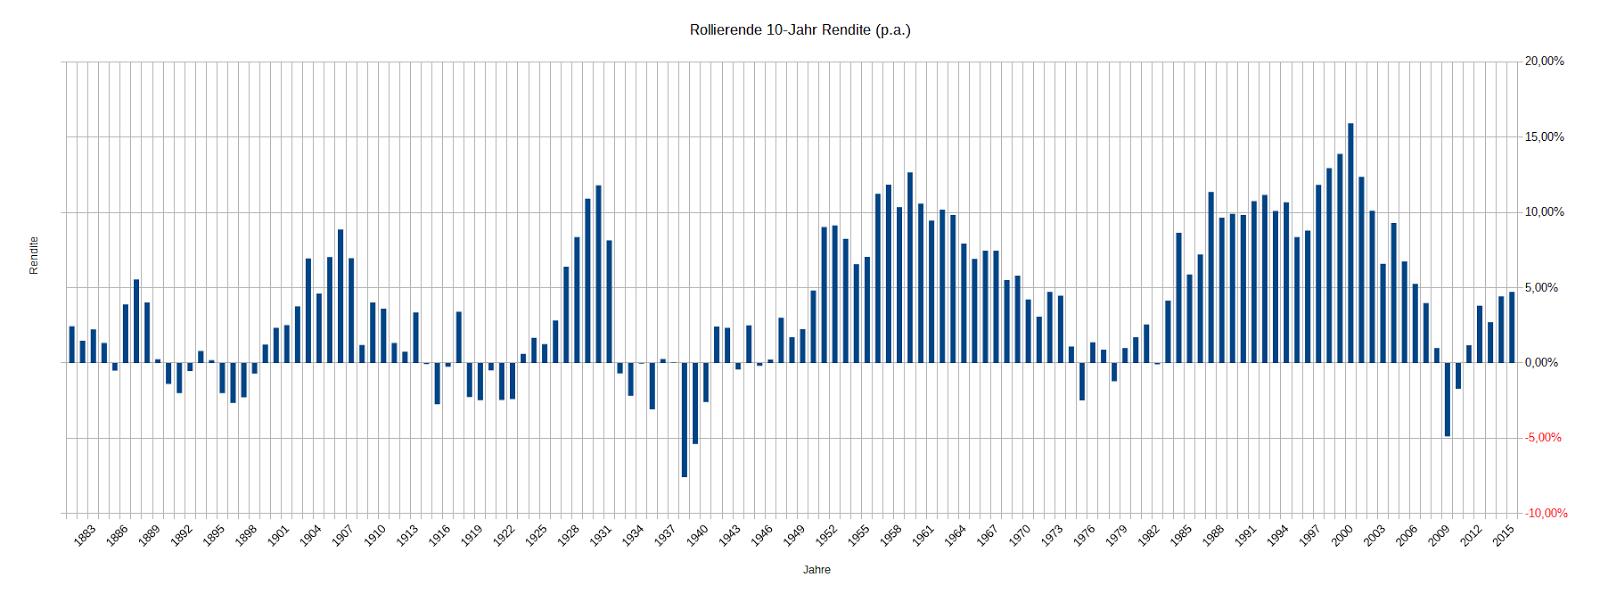 Wie bei einer Aktie schwankt auch der Preis von börsennotierten Fonds im Laufe des Tages, da diese gekauft und verkauft werden. S&P kaufen: Wie investiert man richtig?